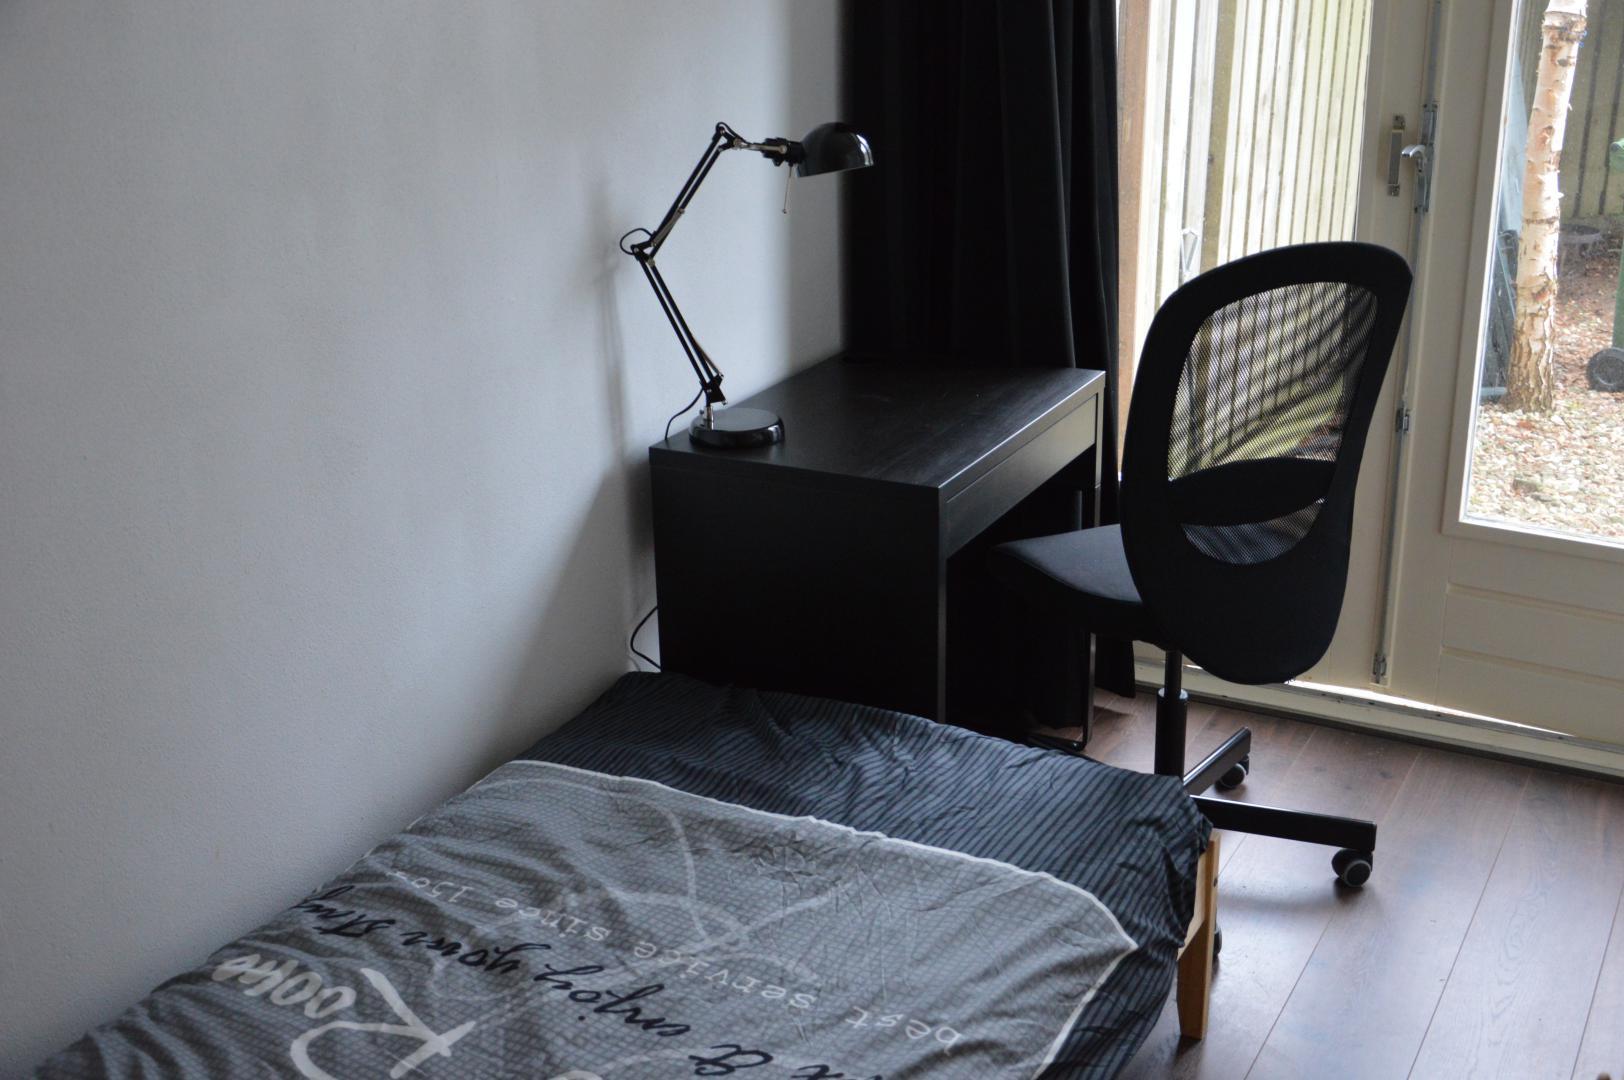 10平方米 单人床房 男女均可 10 分钟走路到海牙大学